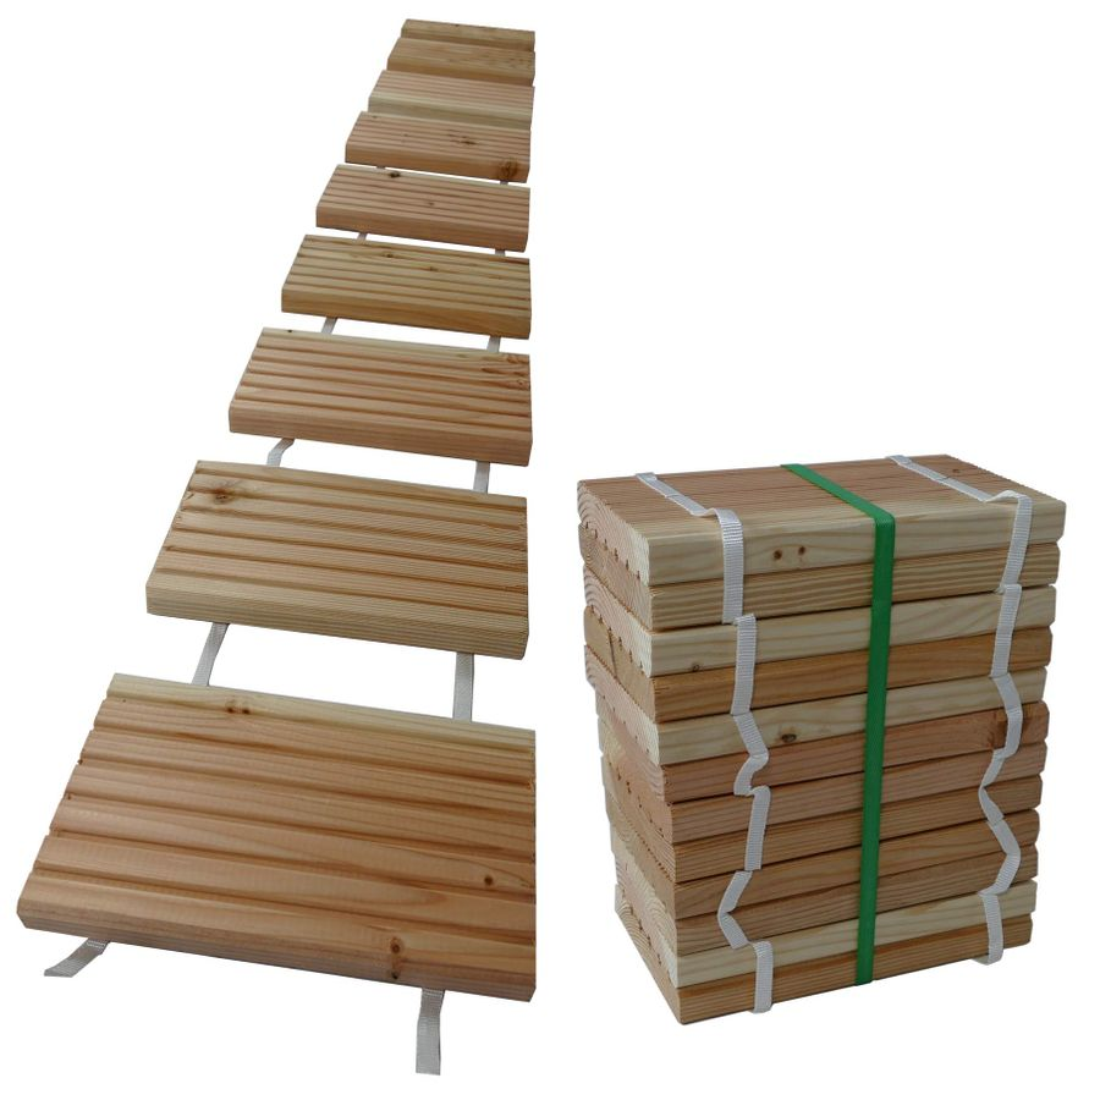 Rollweg Larche 250 Cm Lang 25 Cm Breit Spielturm Aus Holz Fur Den Garten Kaufen